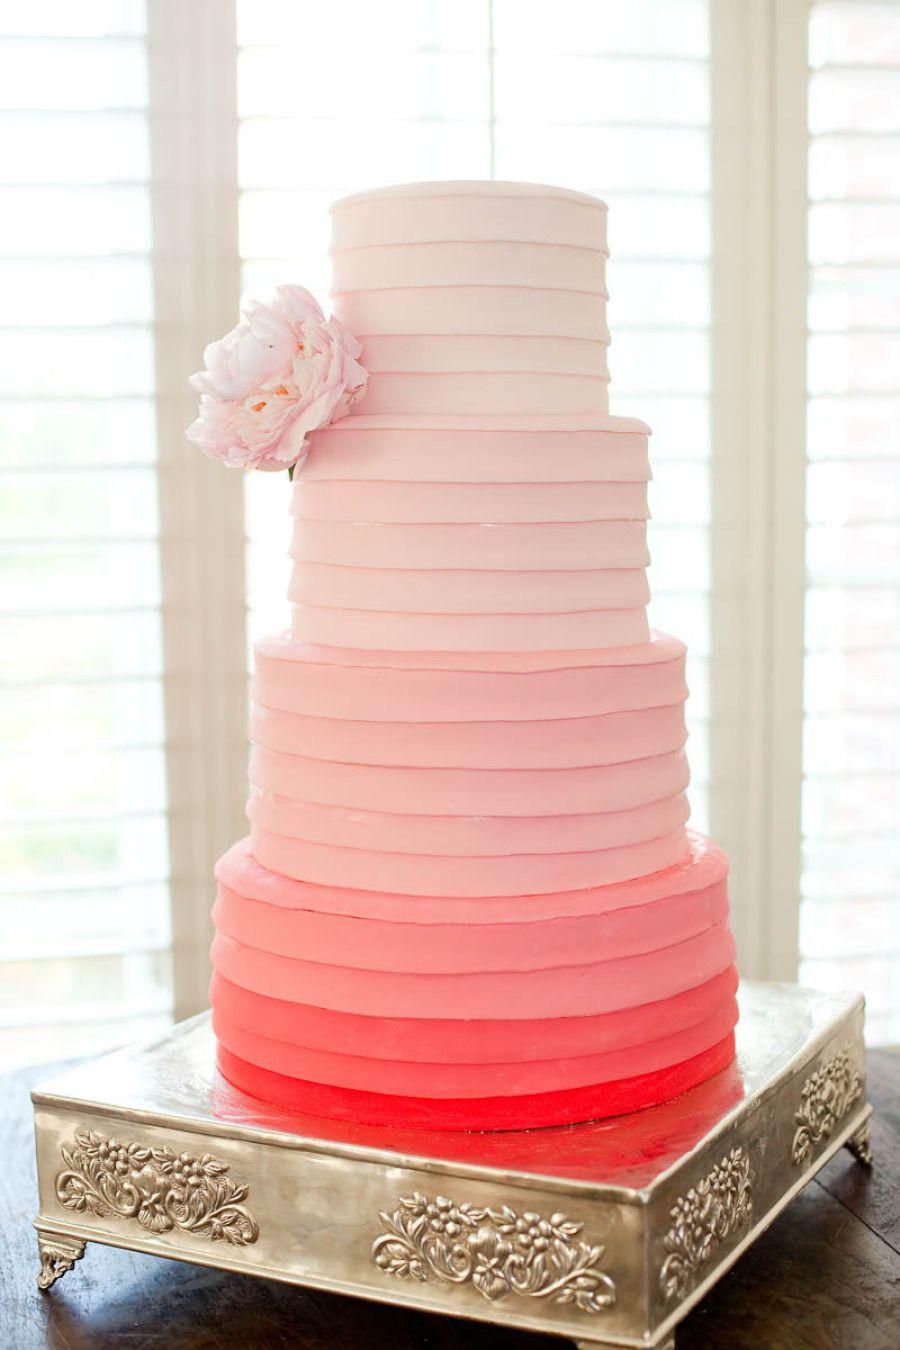 Amazing ombre wedding cake inspiration | Cake Inspiration ...